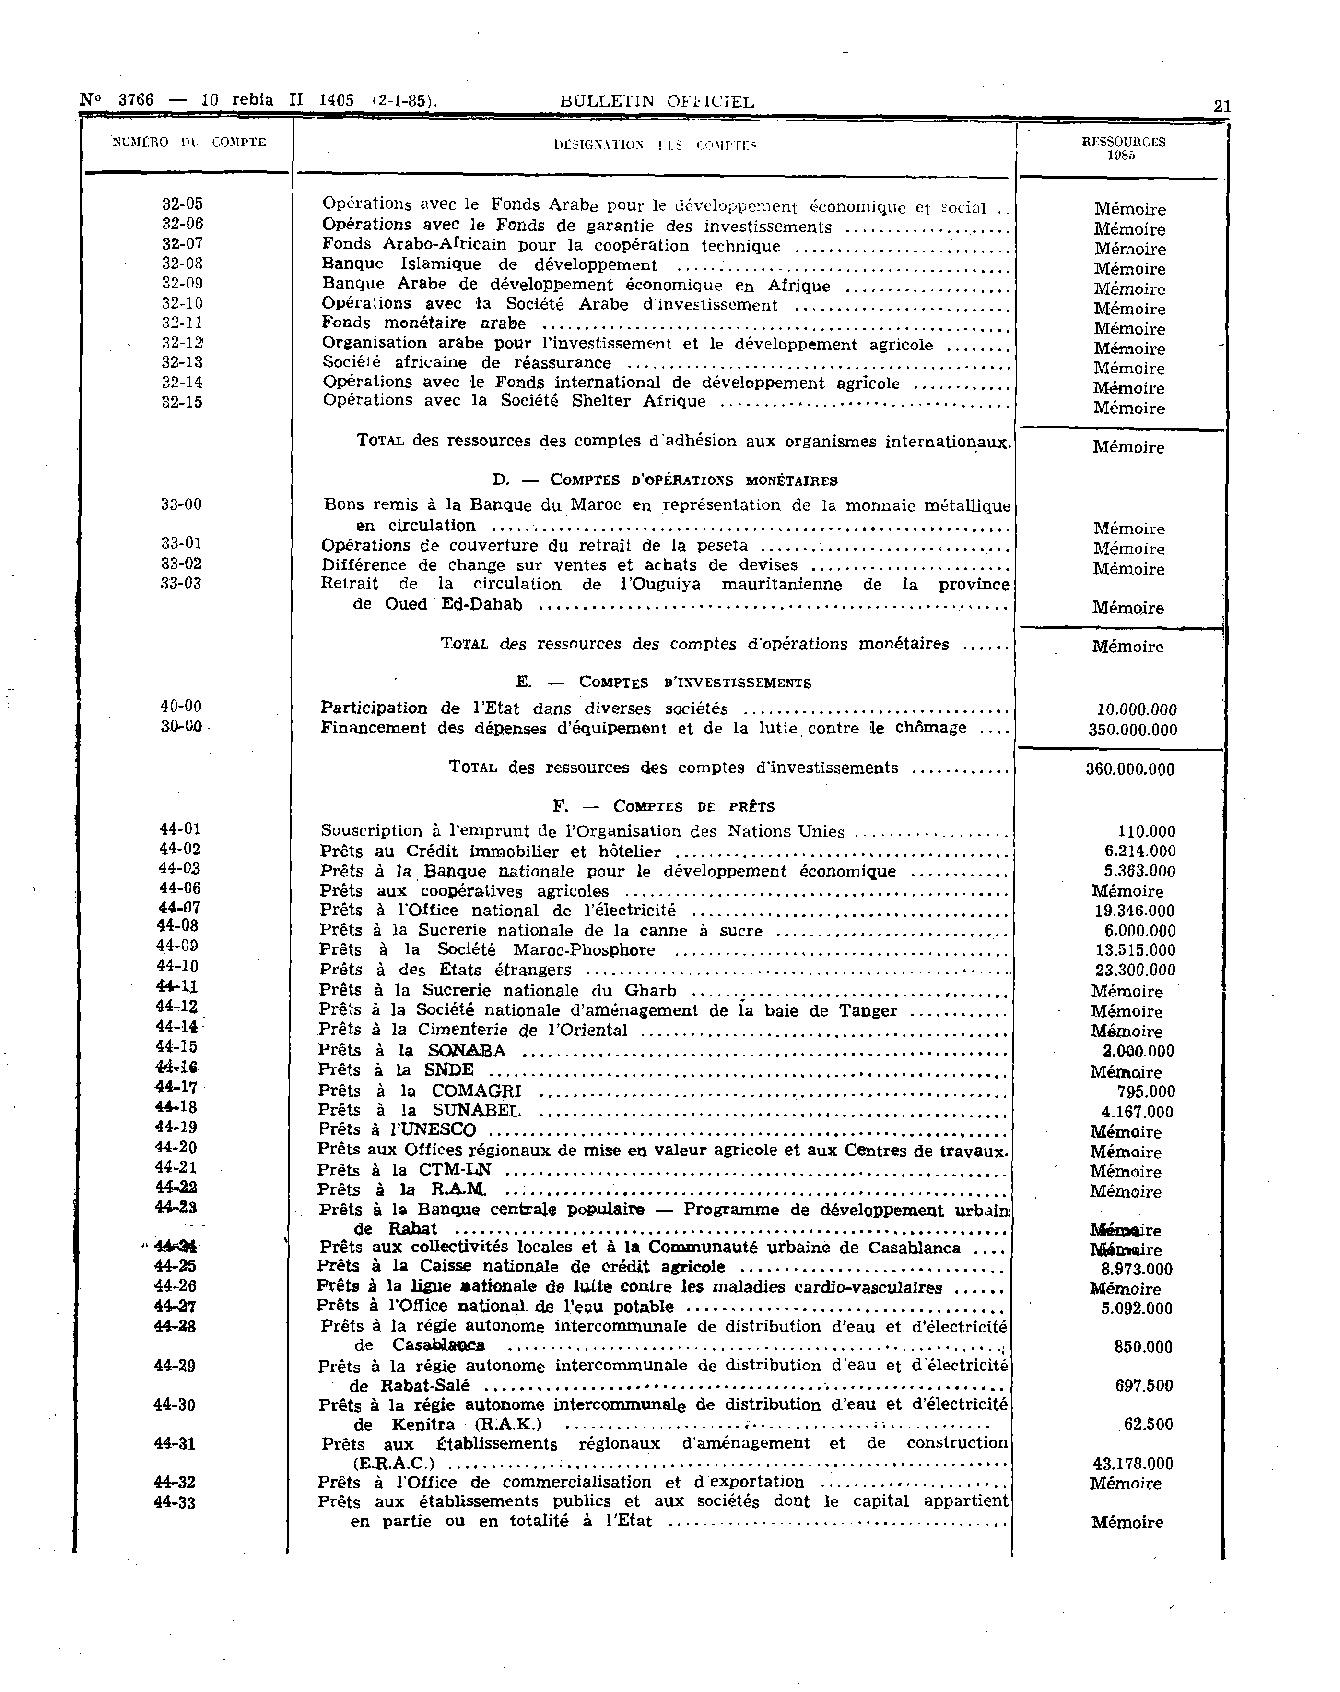 les-prix-maxima-des-acte-et-service-medicaux-dans-le-secteur-prive-021